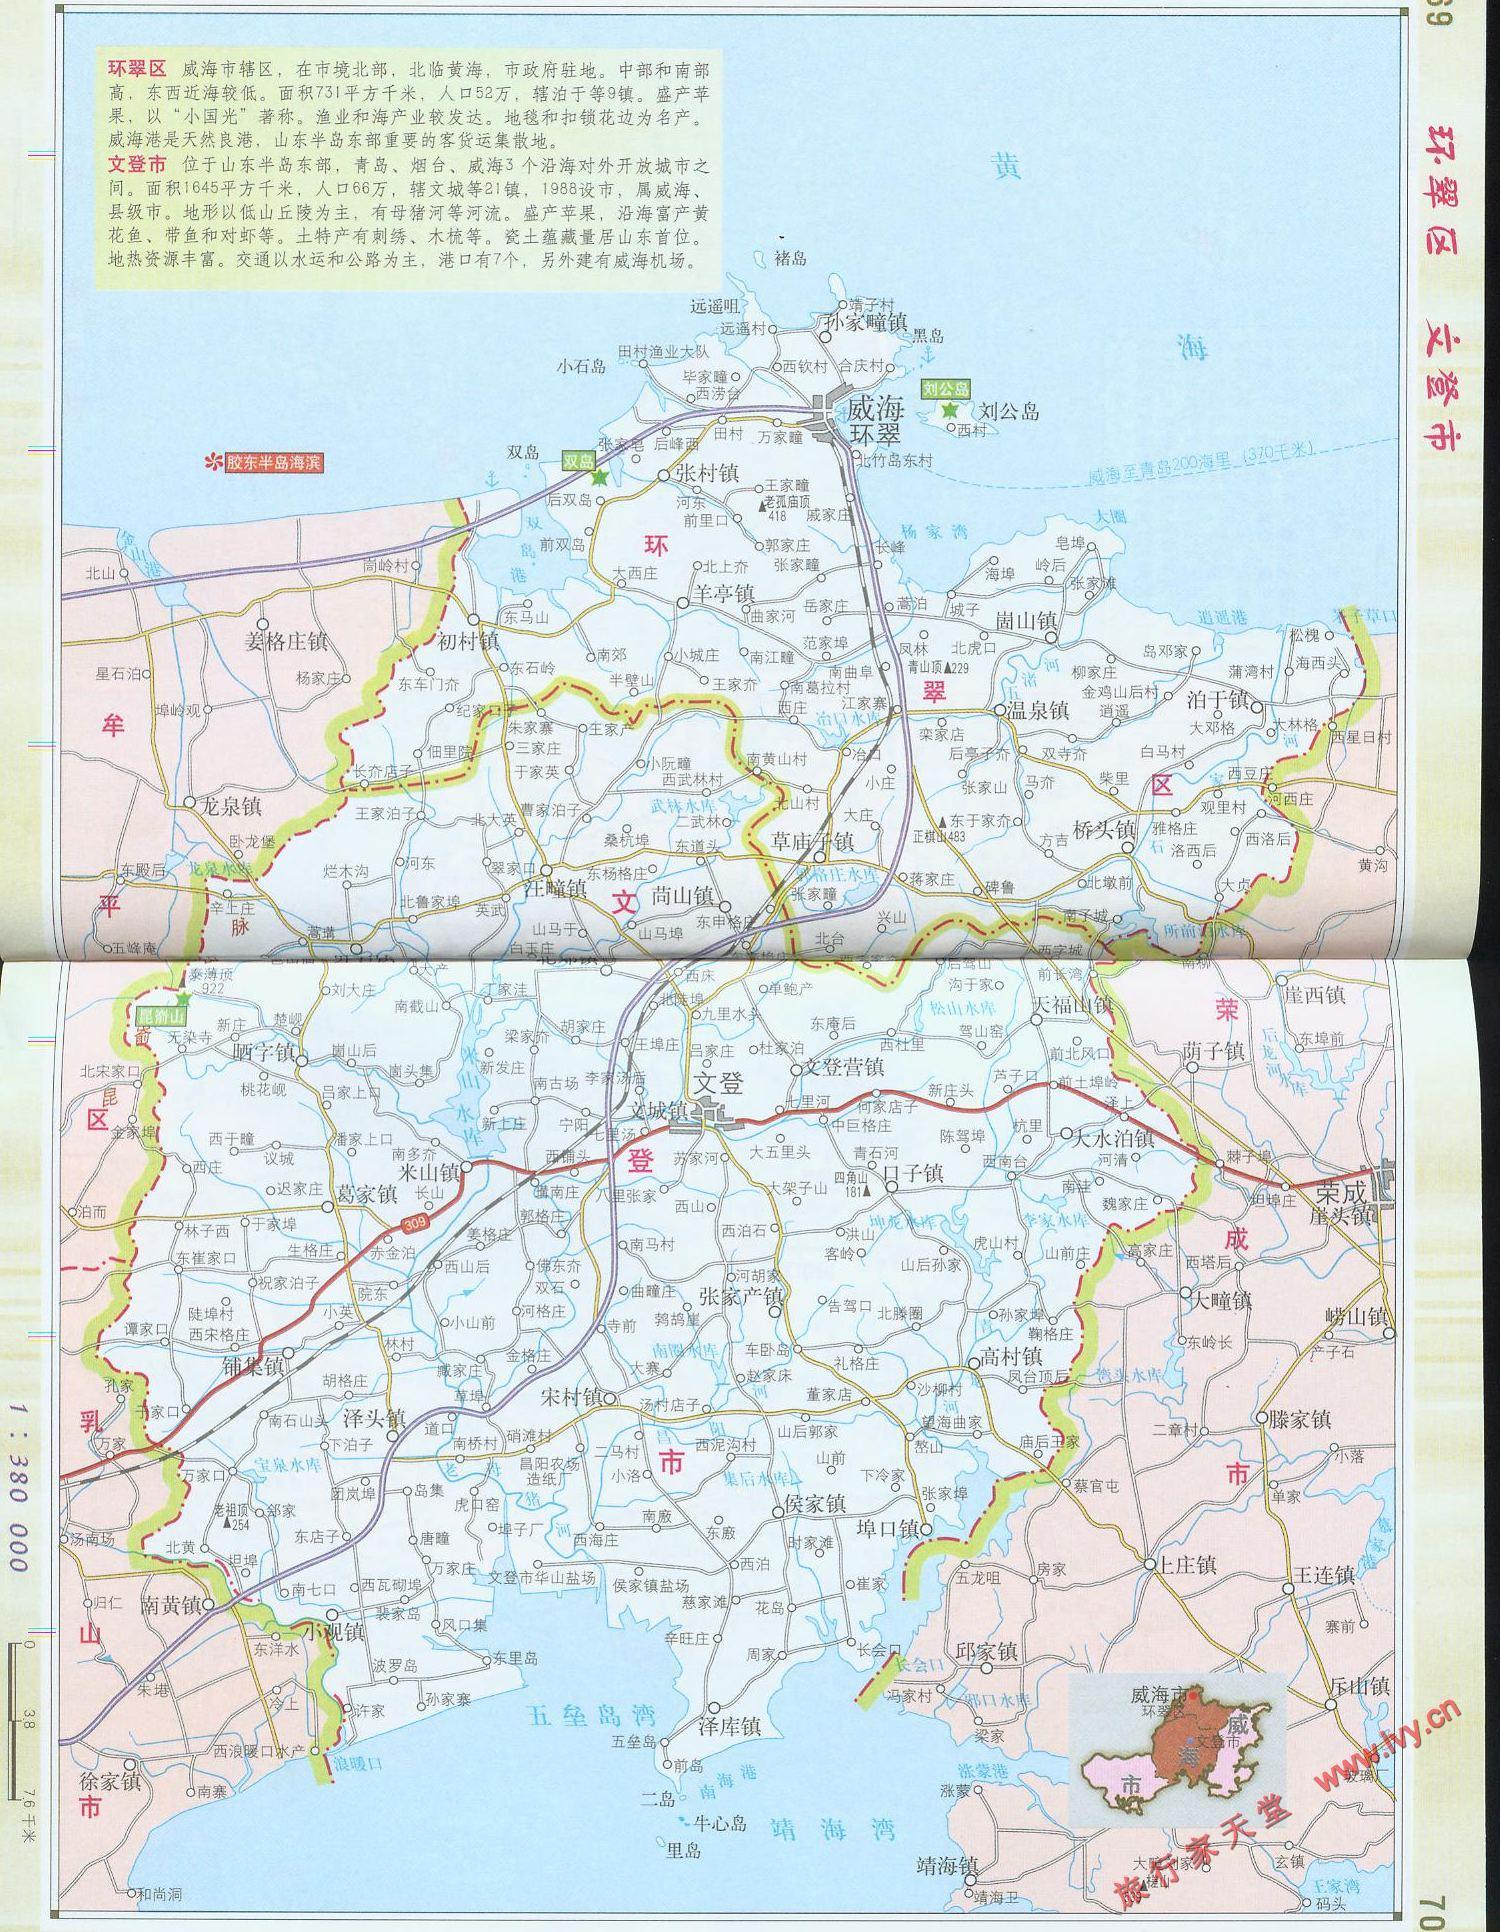 威海市环翠区地图